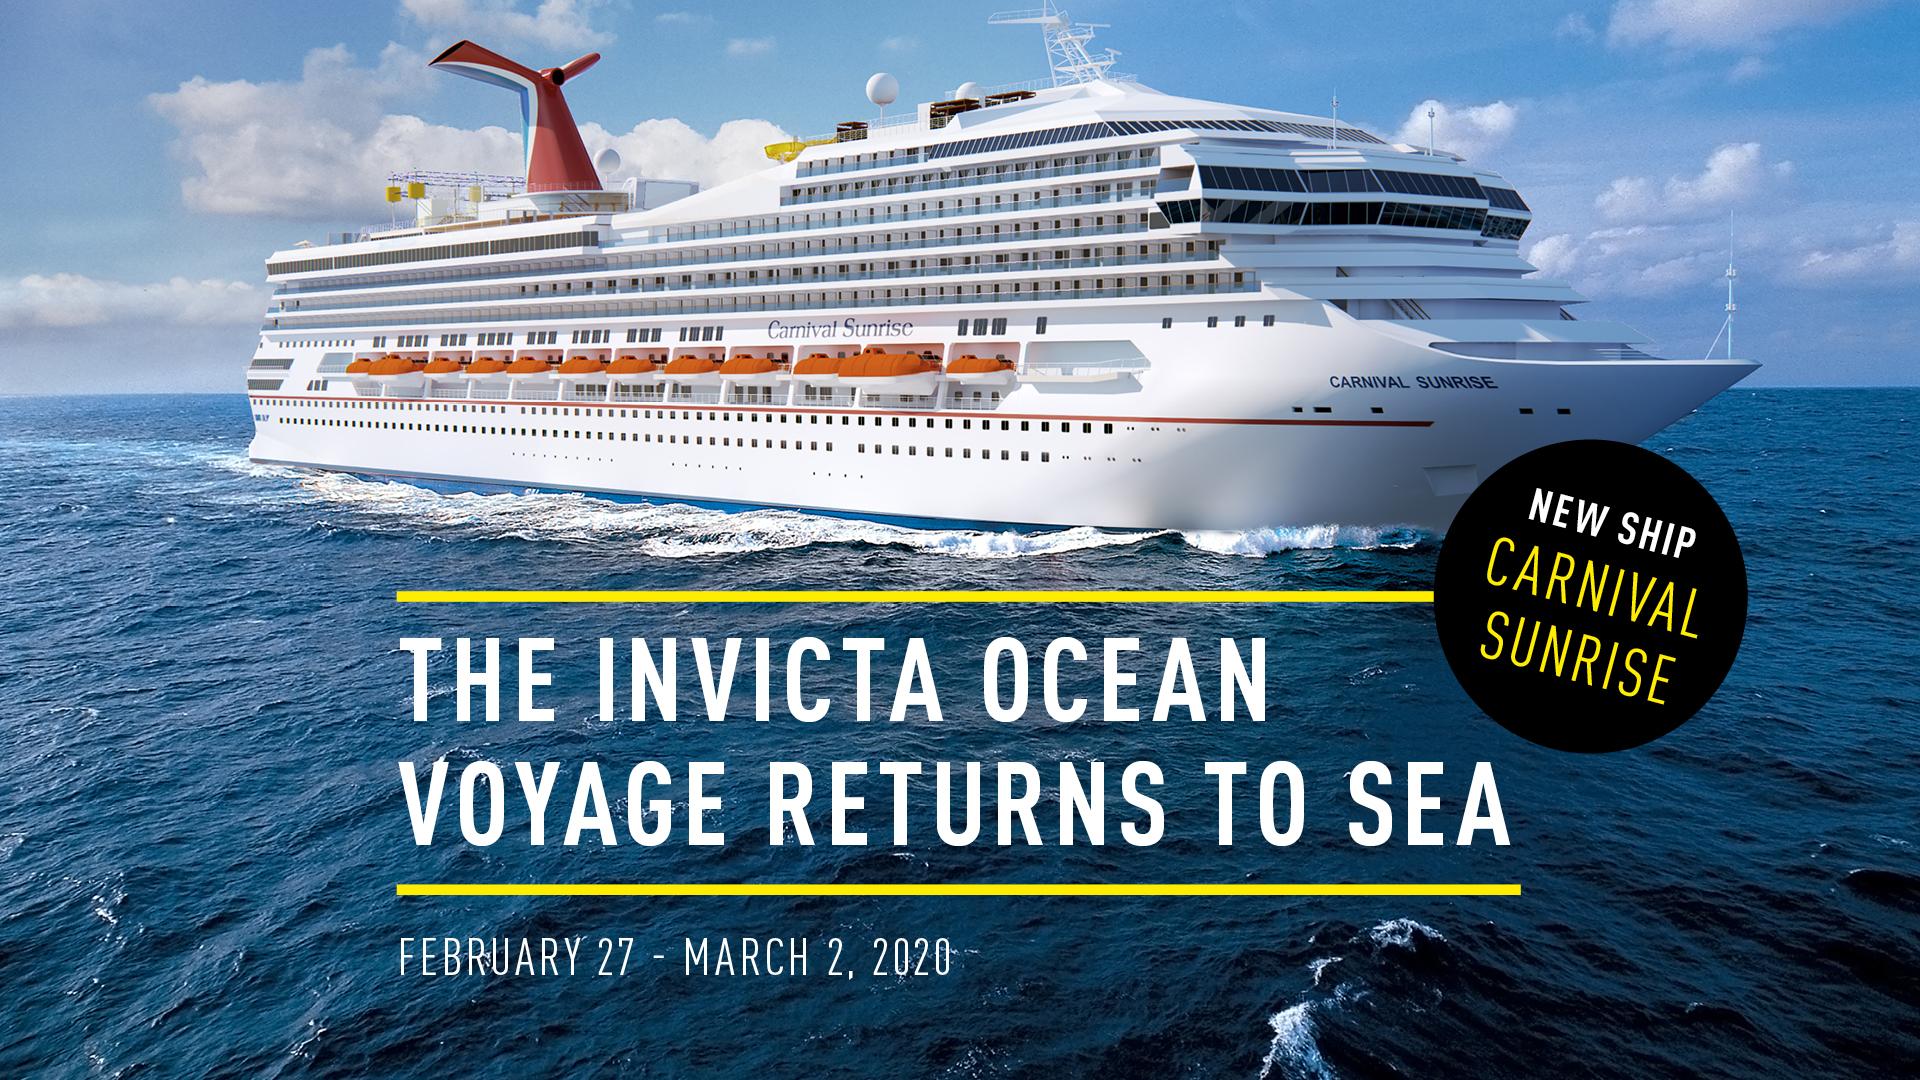 Invicta Cruise Home